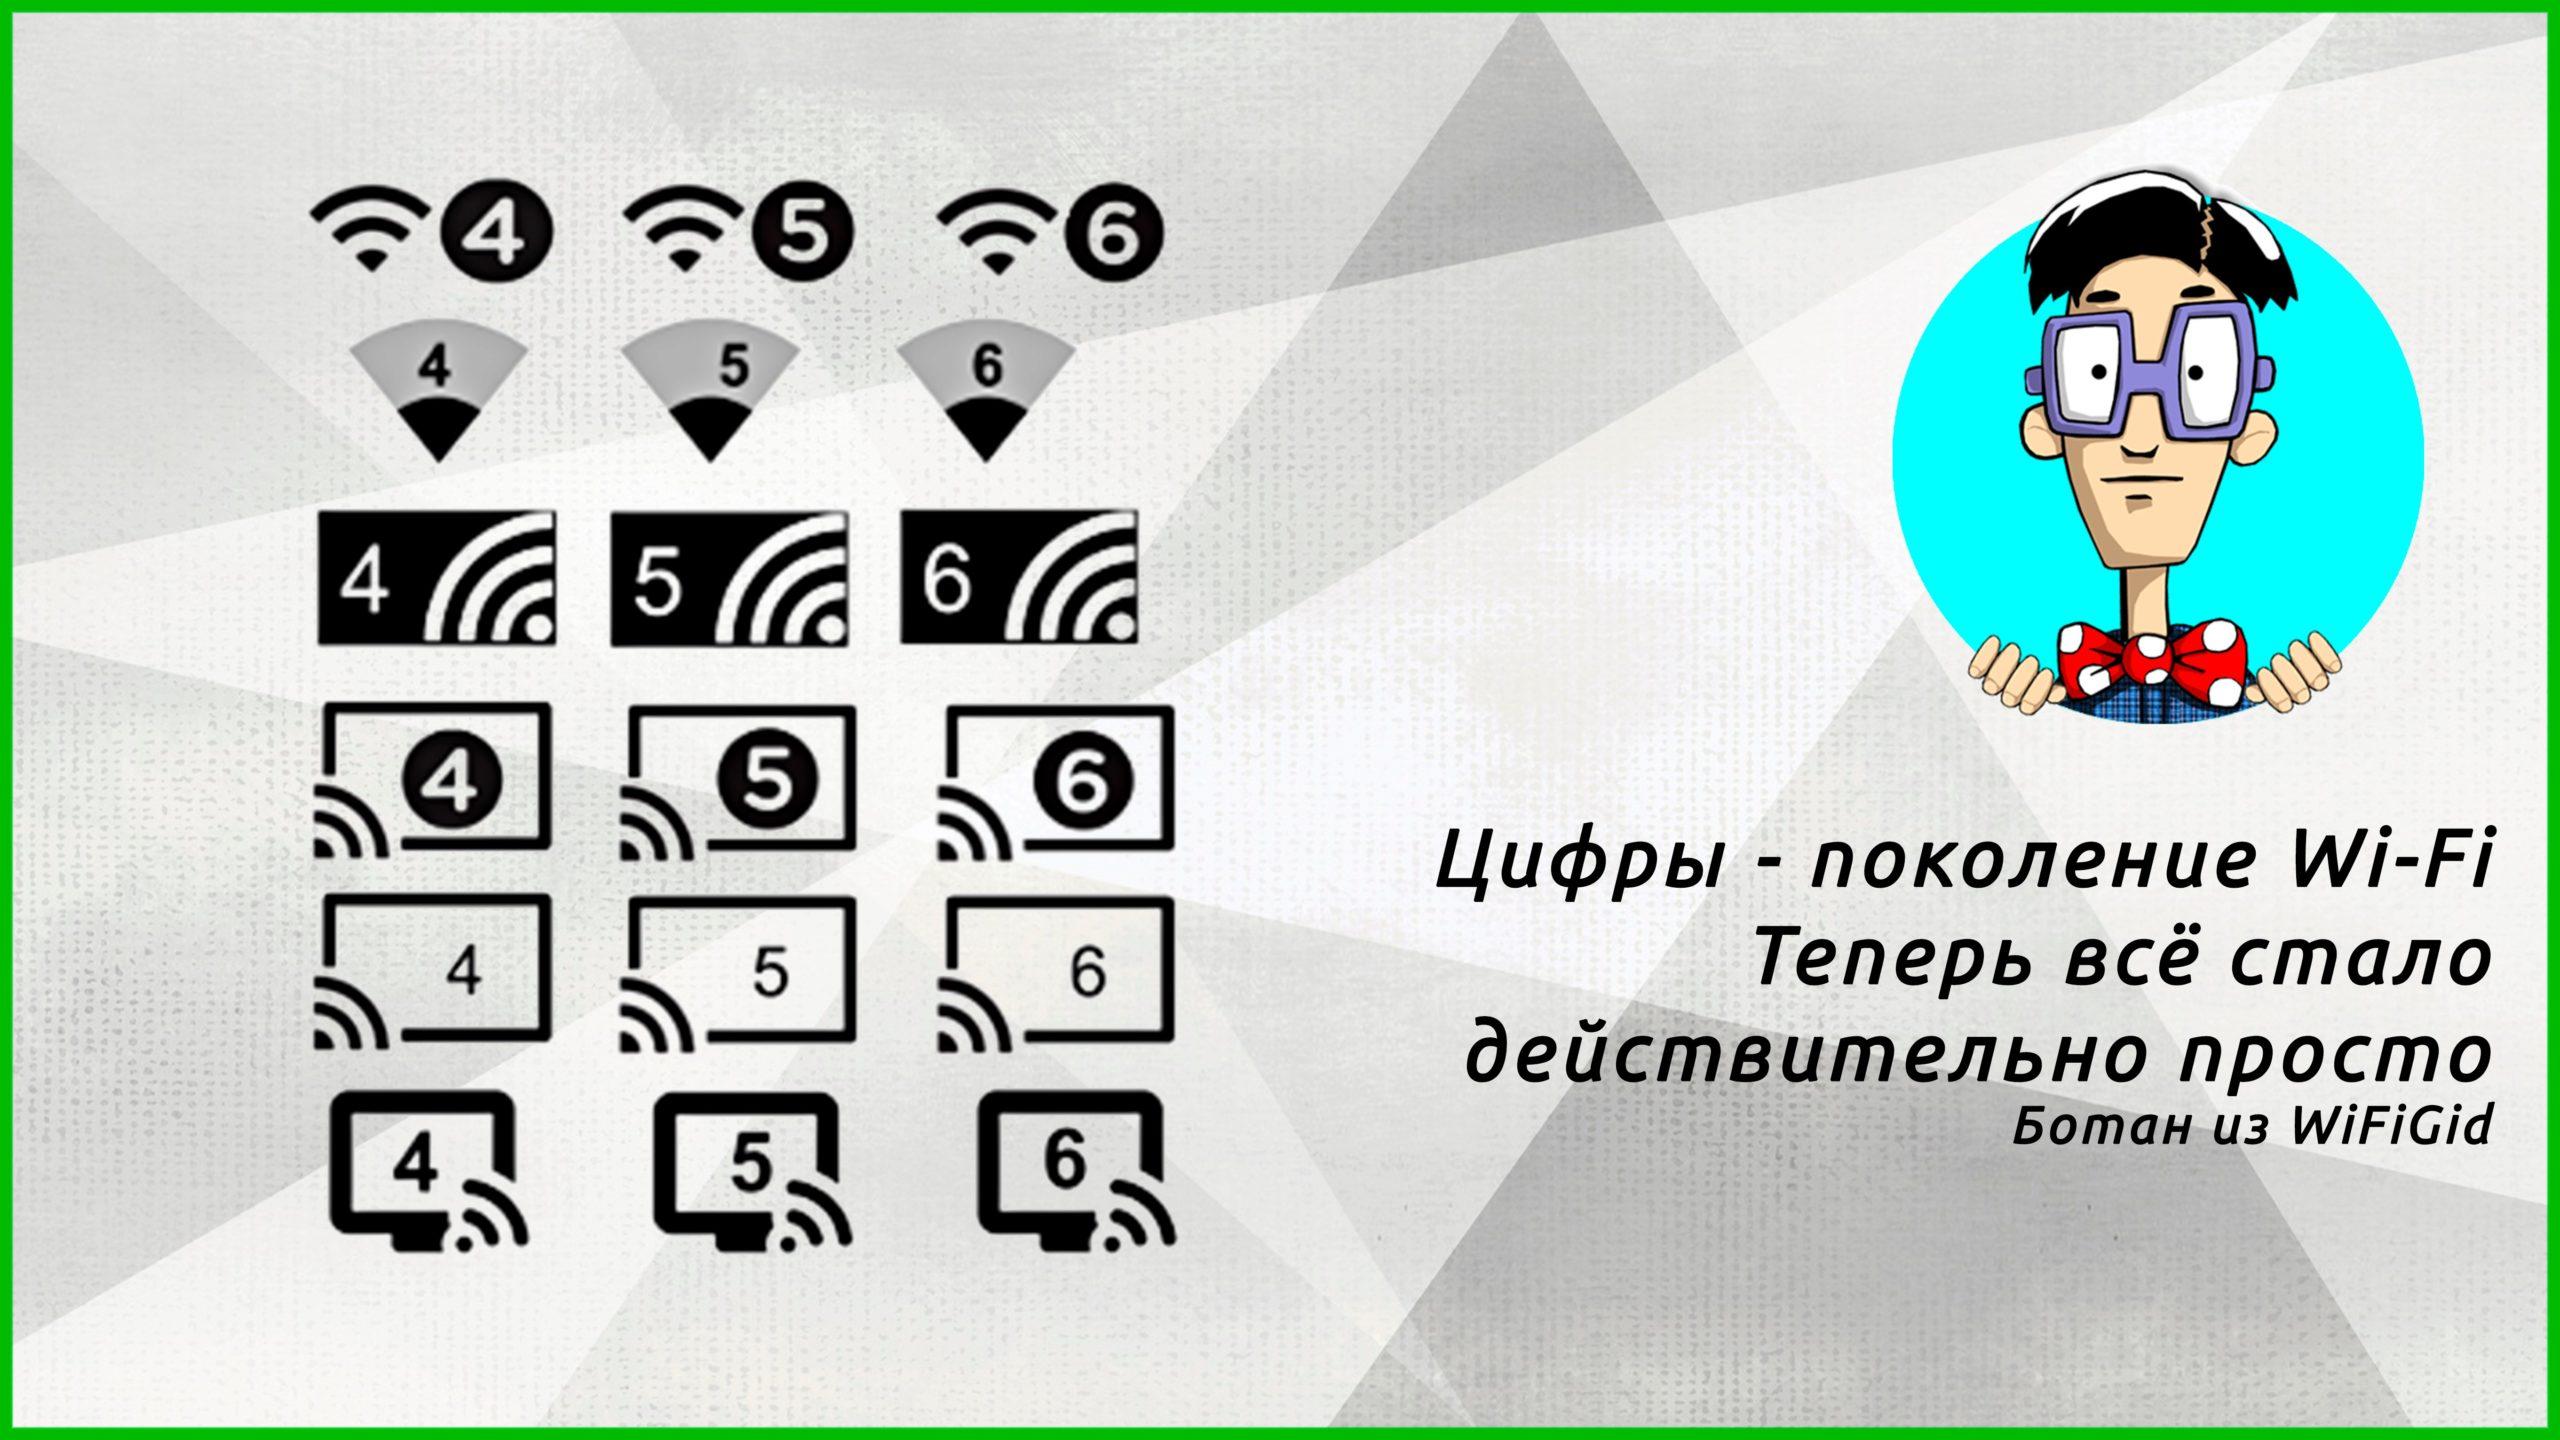 Новые обозначения для Wi-Fi 4, 5, 6